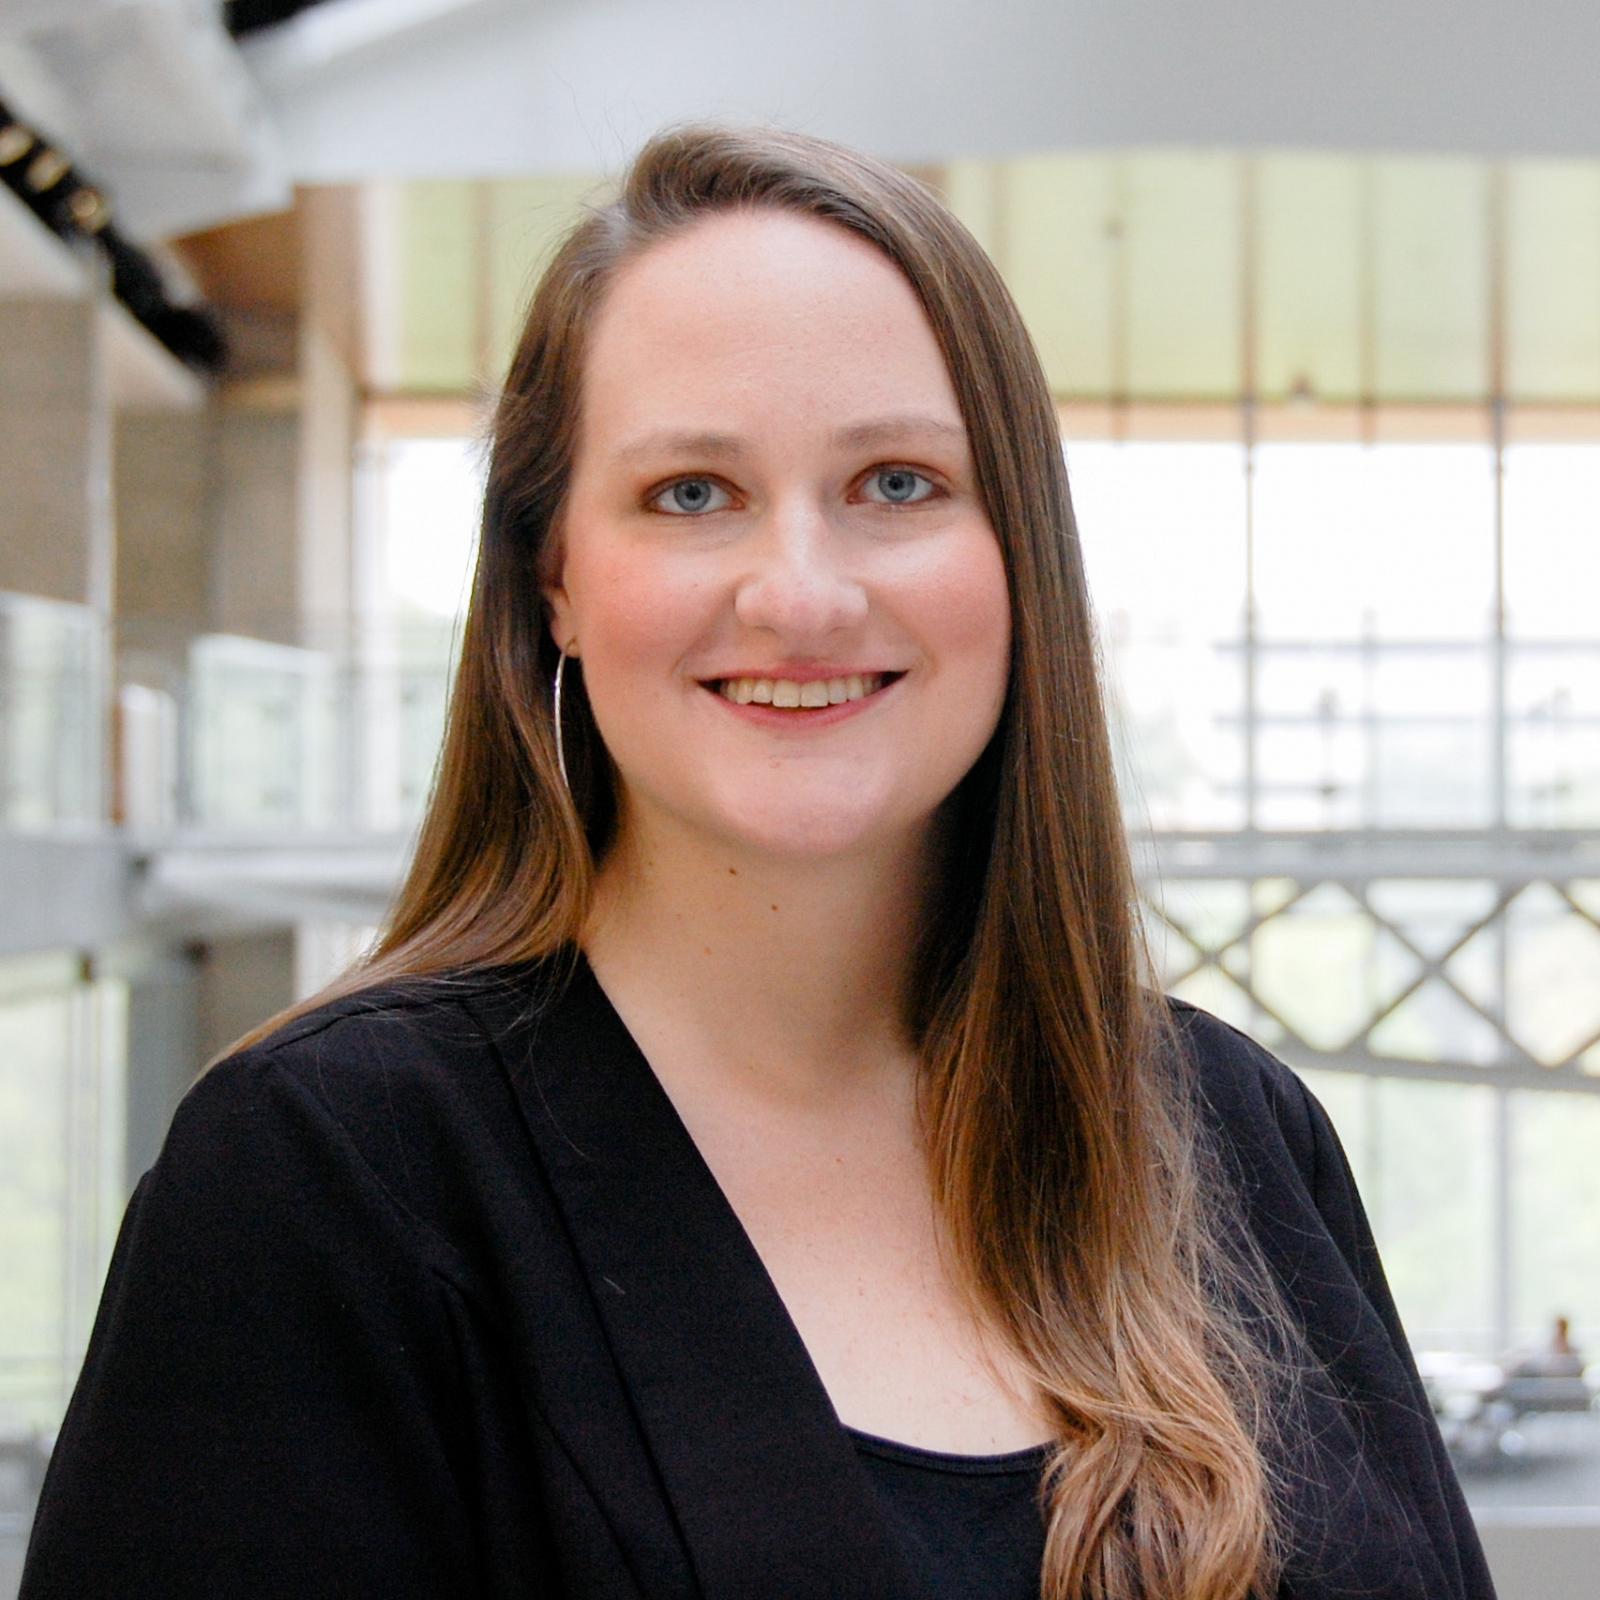 Portrait of Kristen Kessel